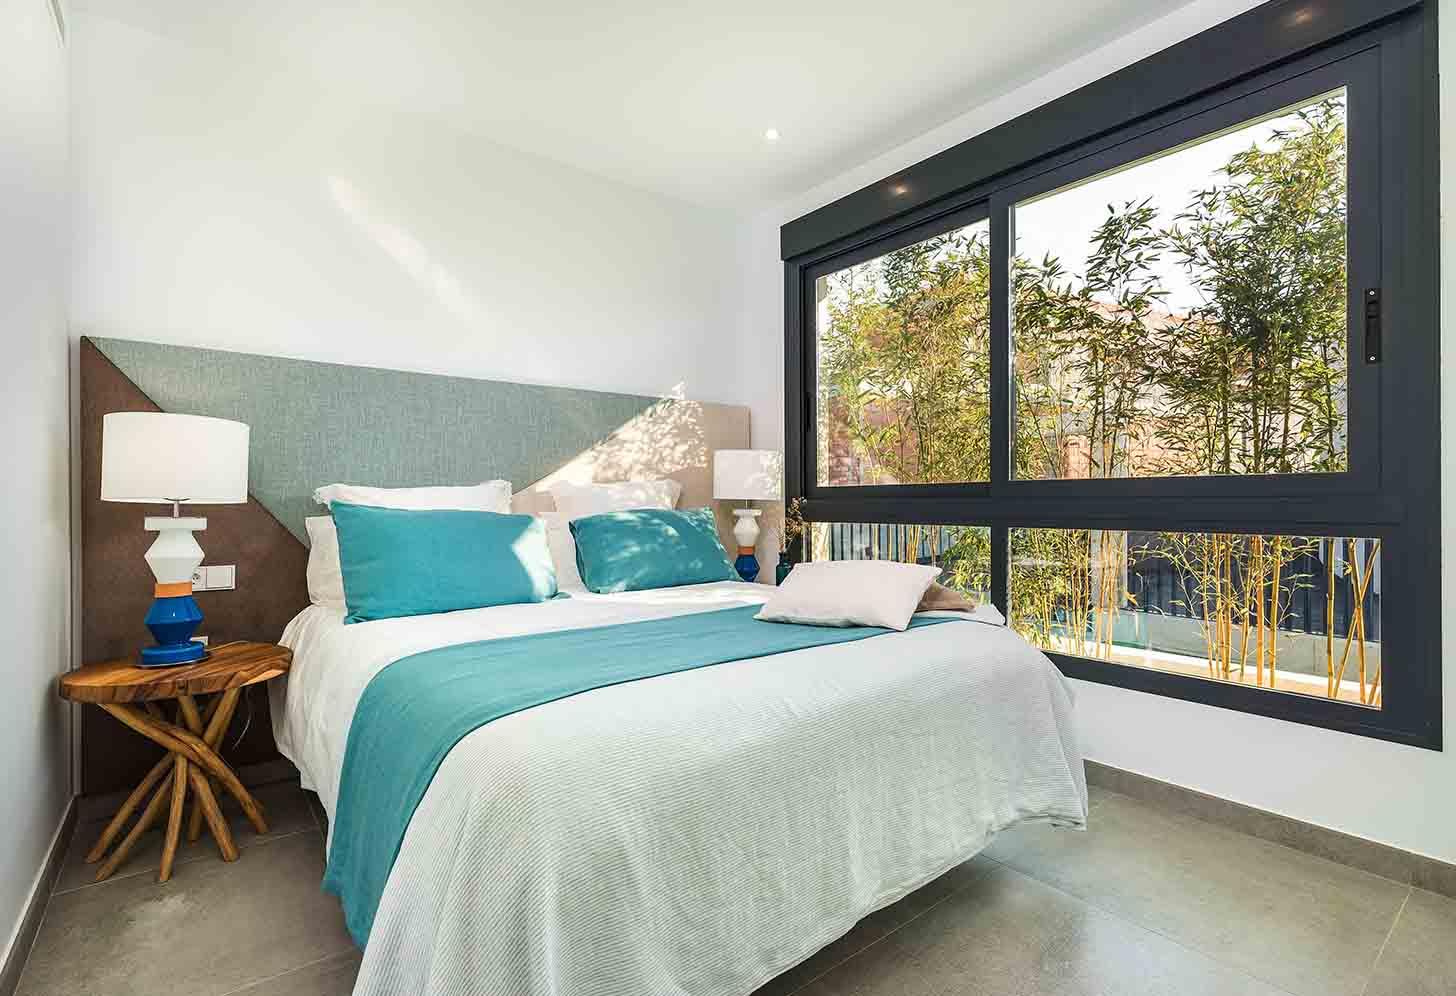 immobilier neuf espagne costa blanca sud alicante rojales chambre 2